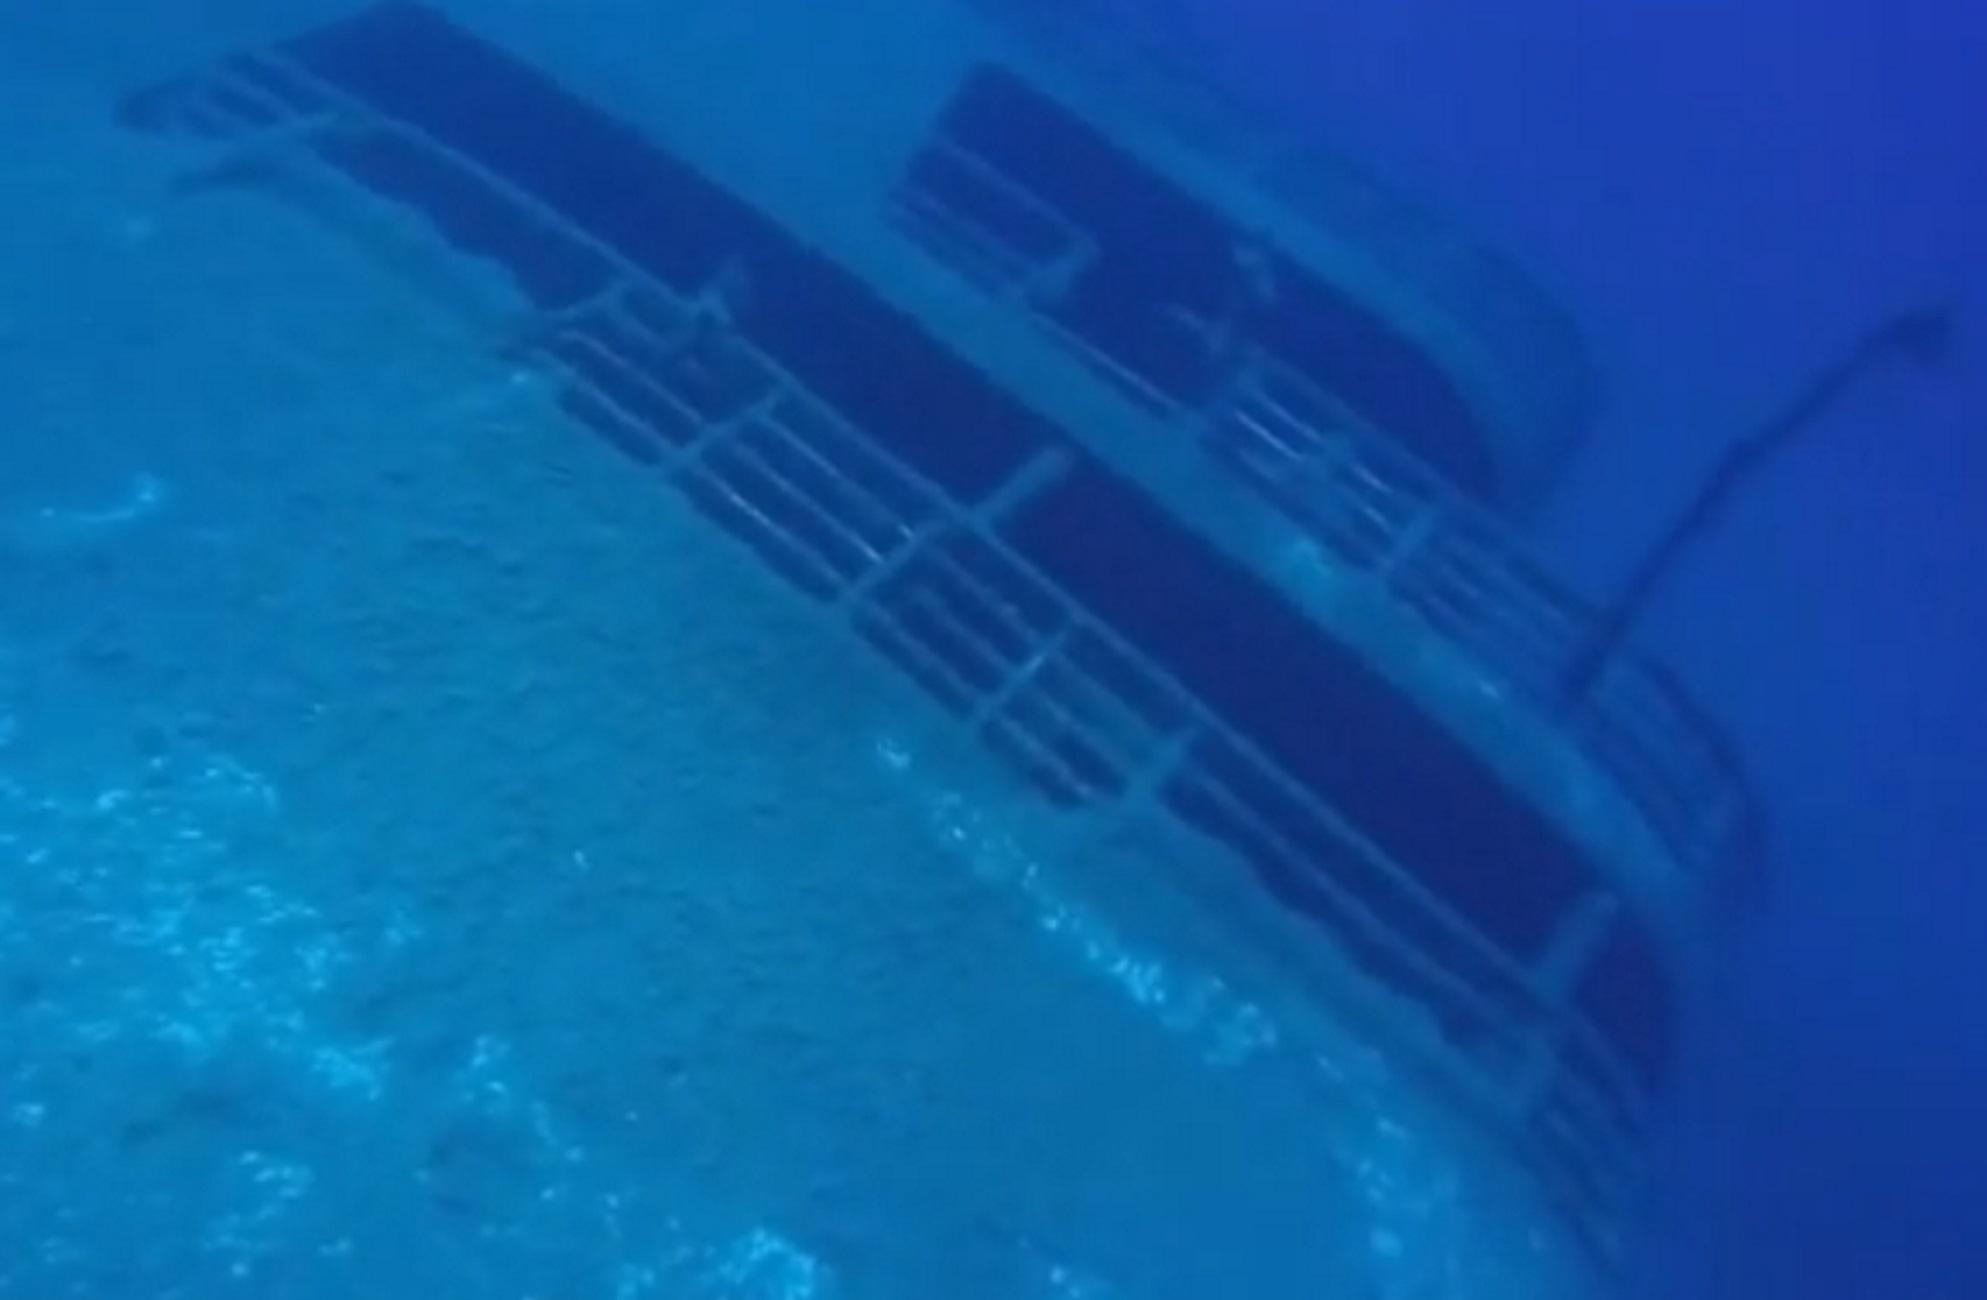 Πάρος: Διαρροή καυσίμων από το κουφάρι του Εξπρές Σάμινα 20 χρόνια μετά το ναυάγιο!